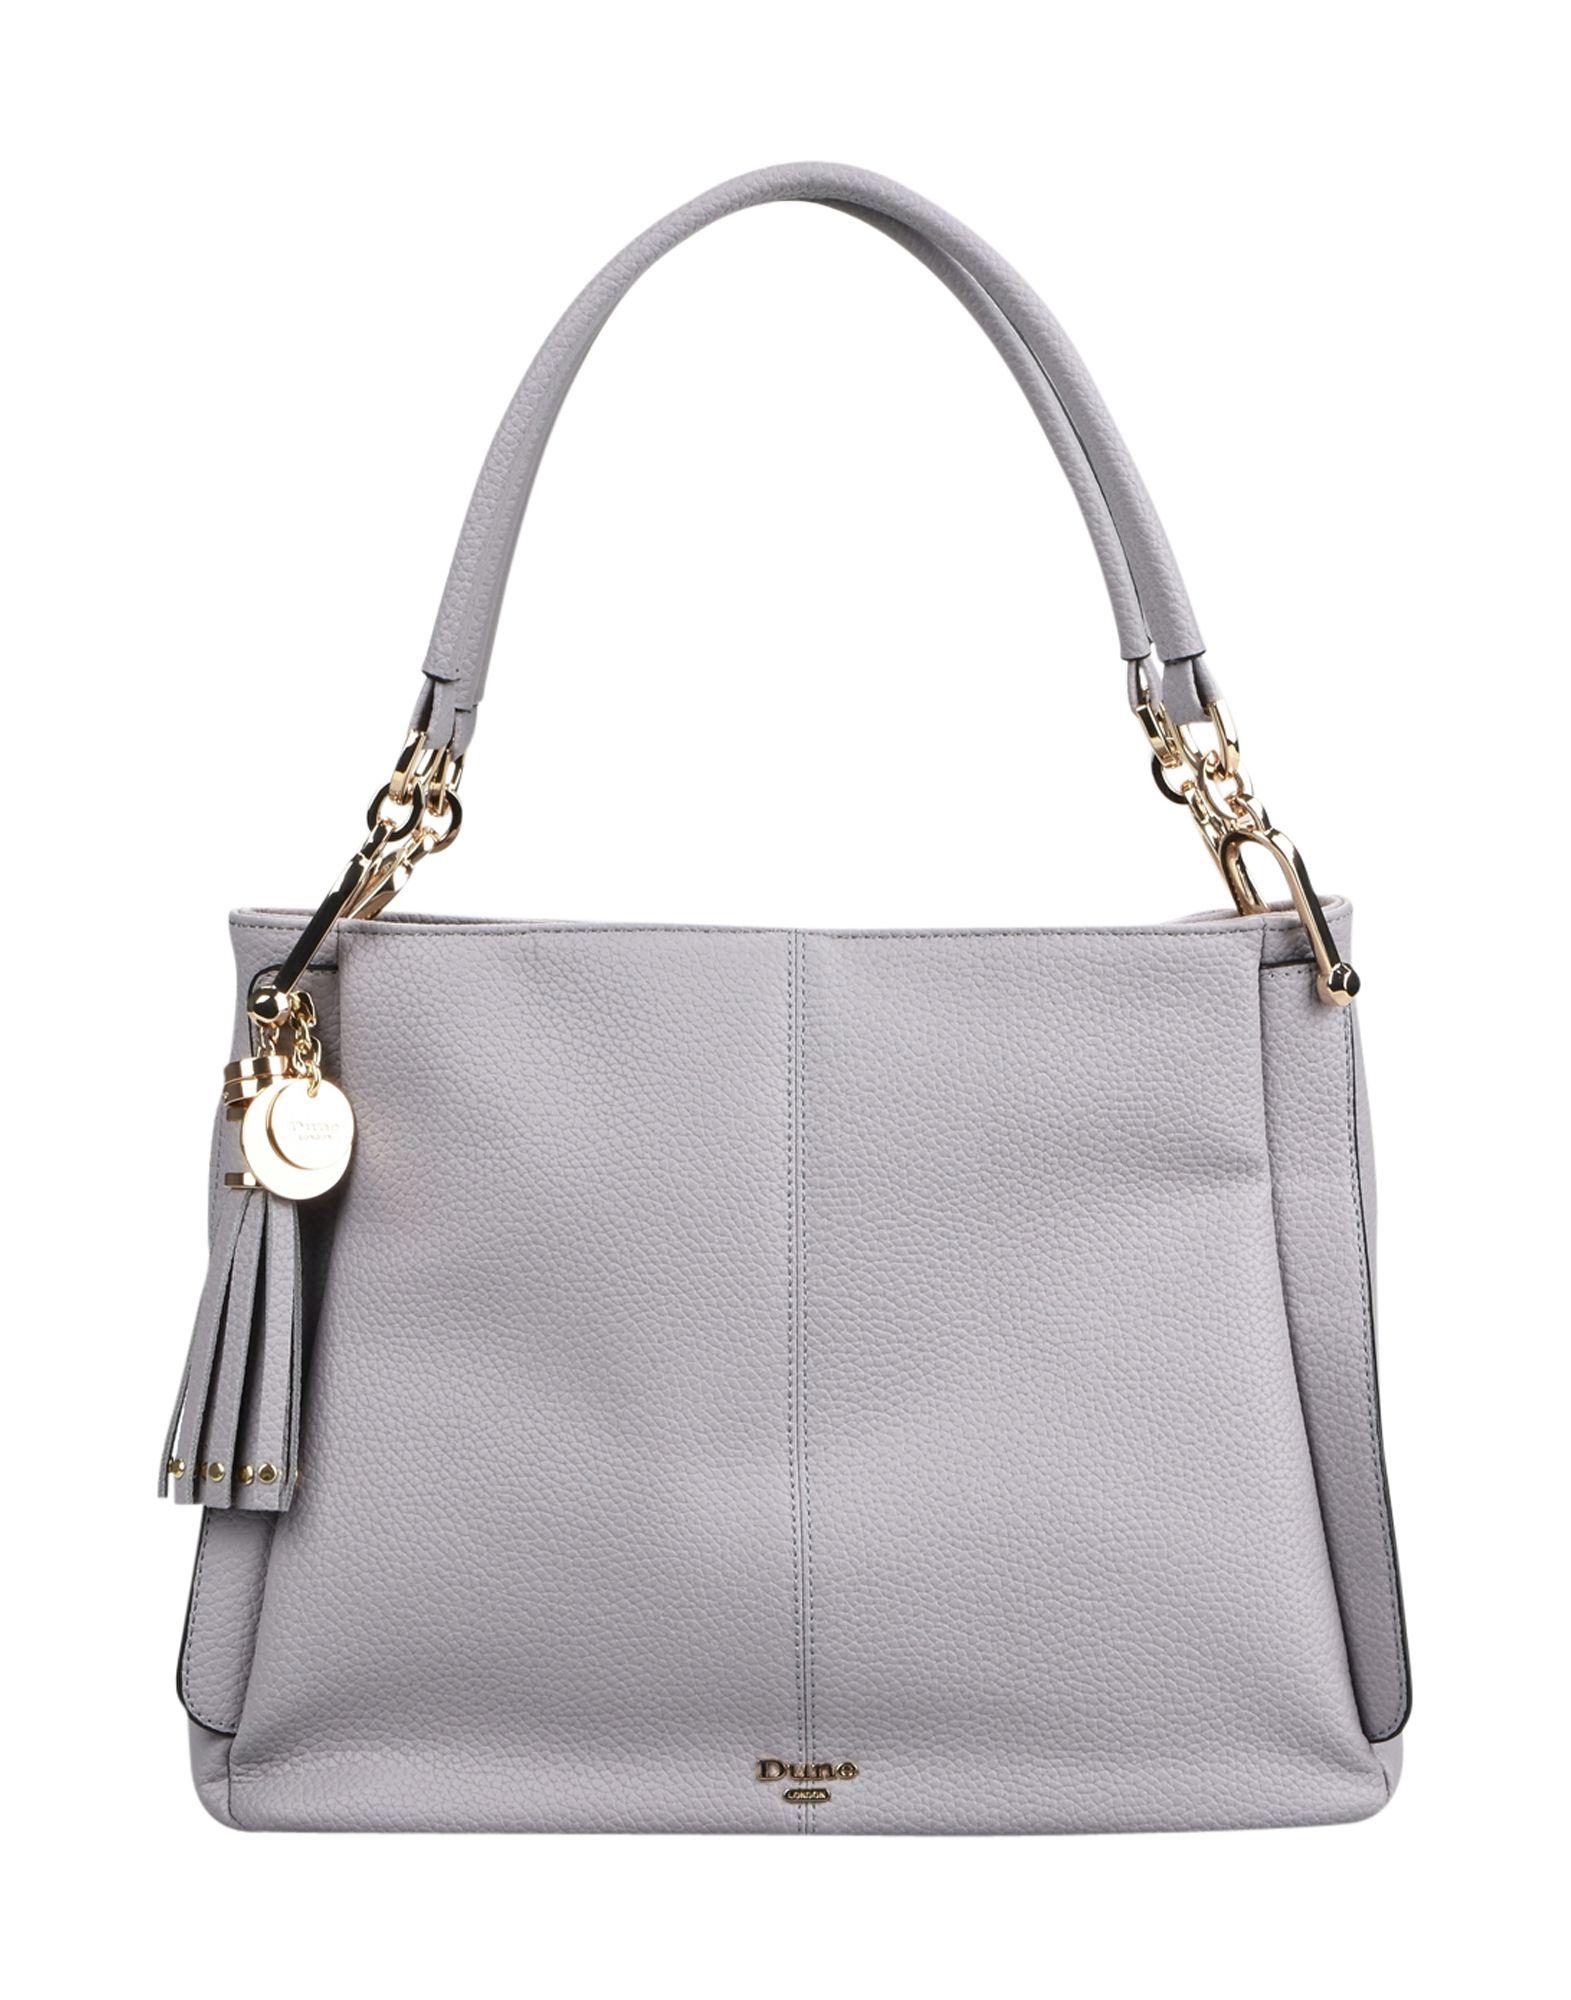 DUNE London Damen Handtaschen Farbe Taubengrau Größe 1